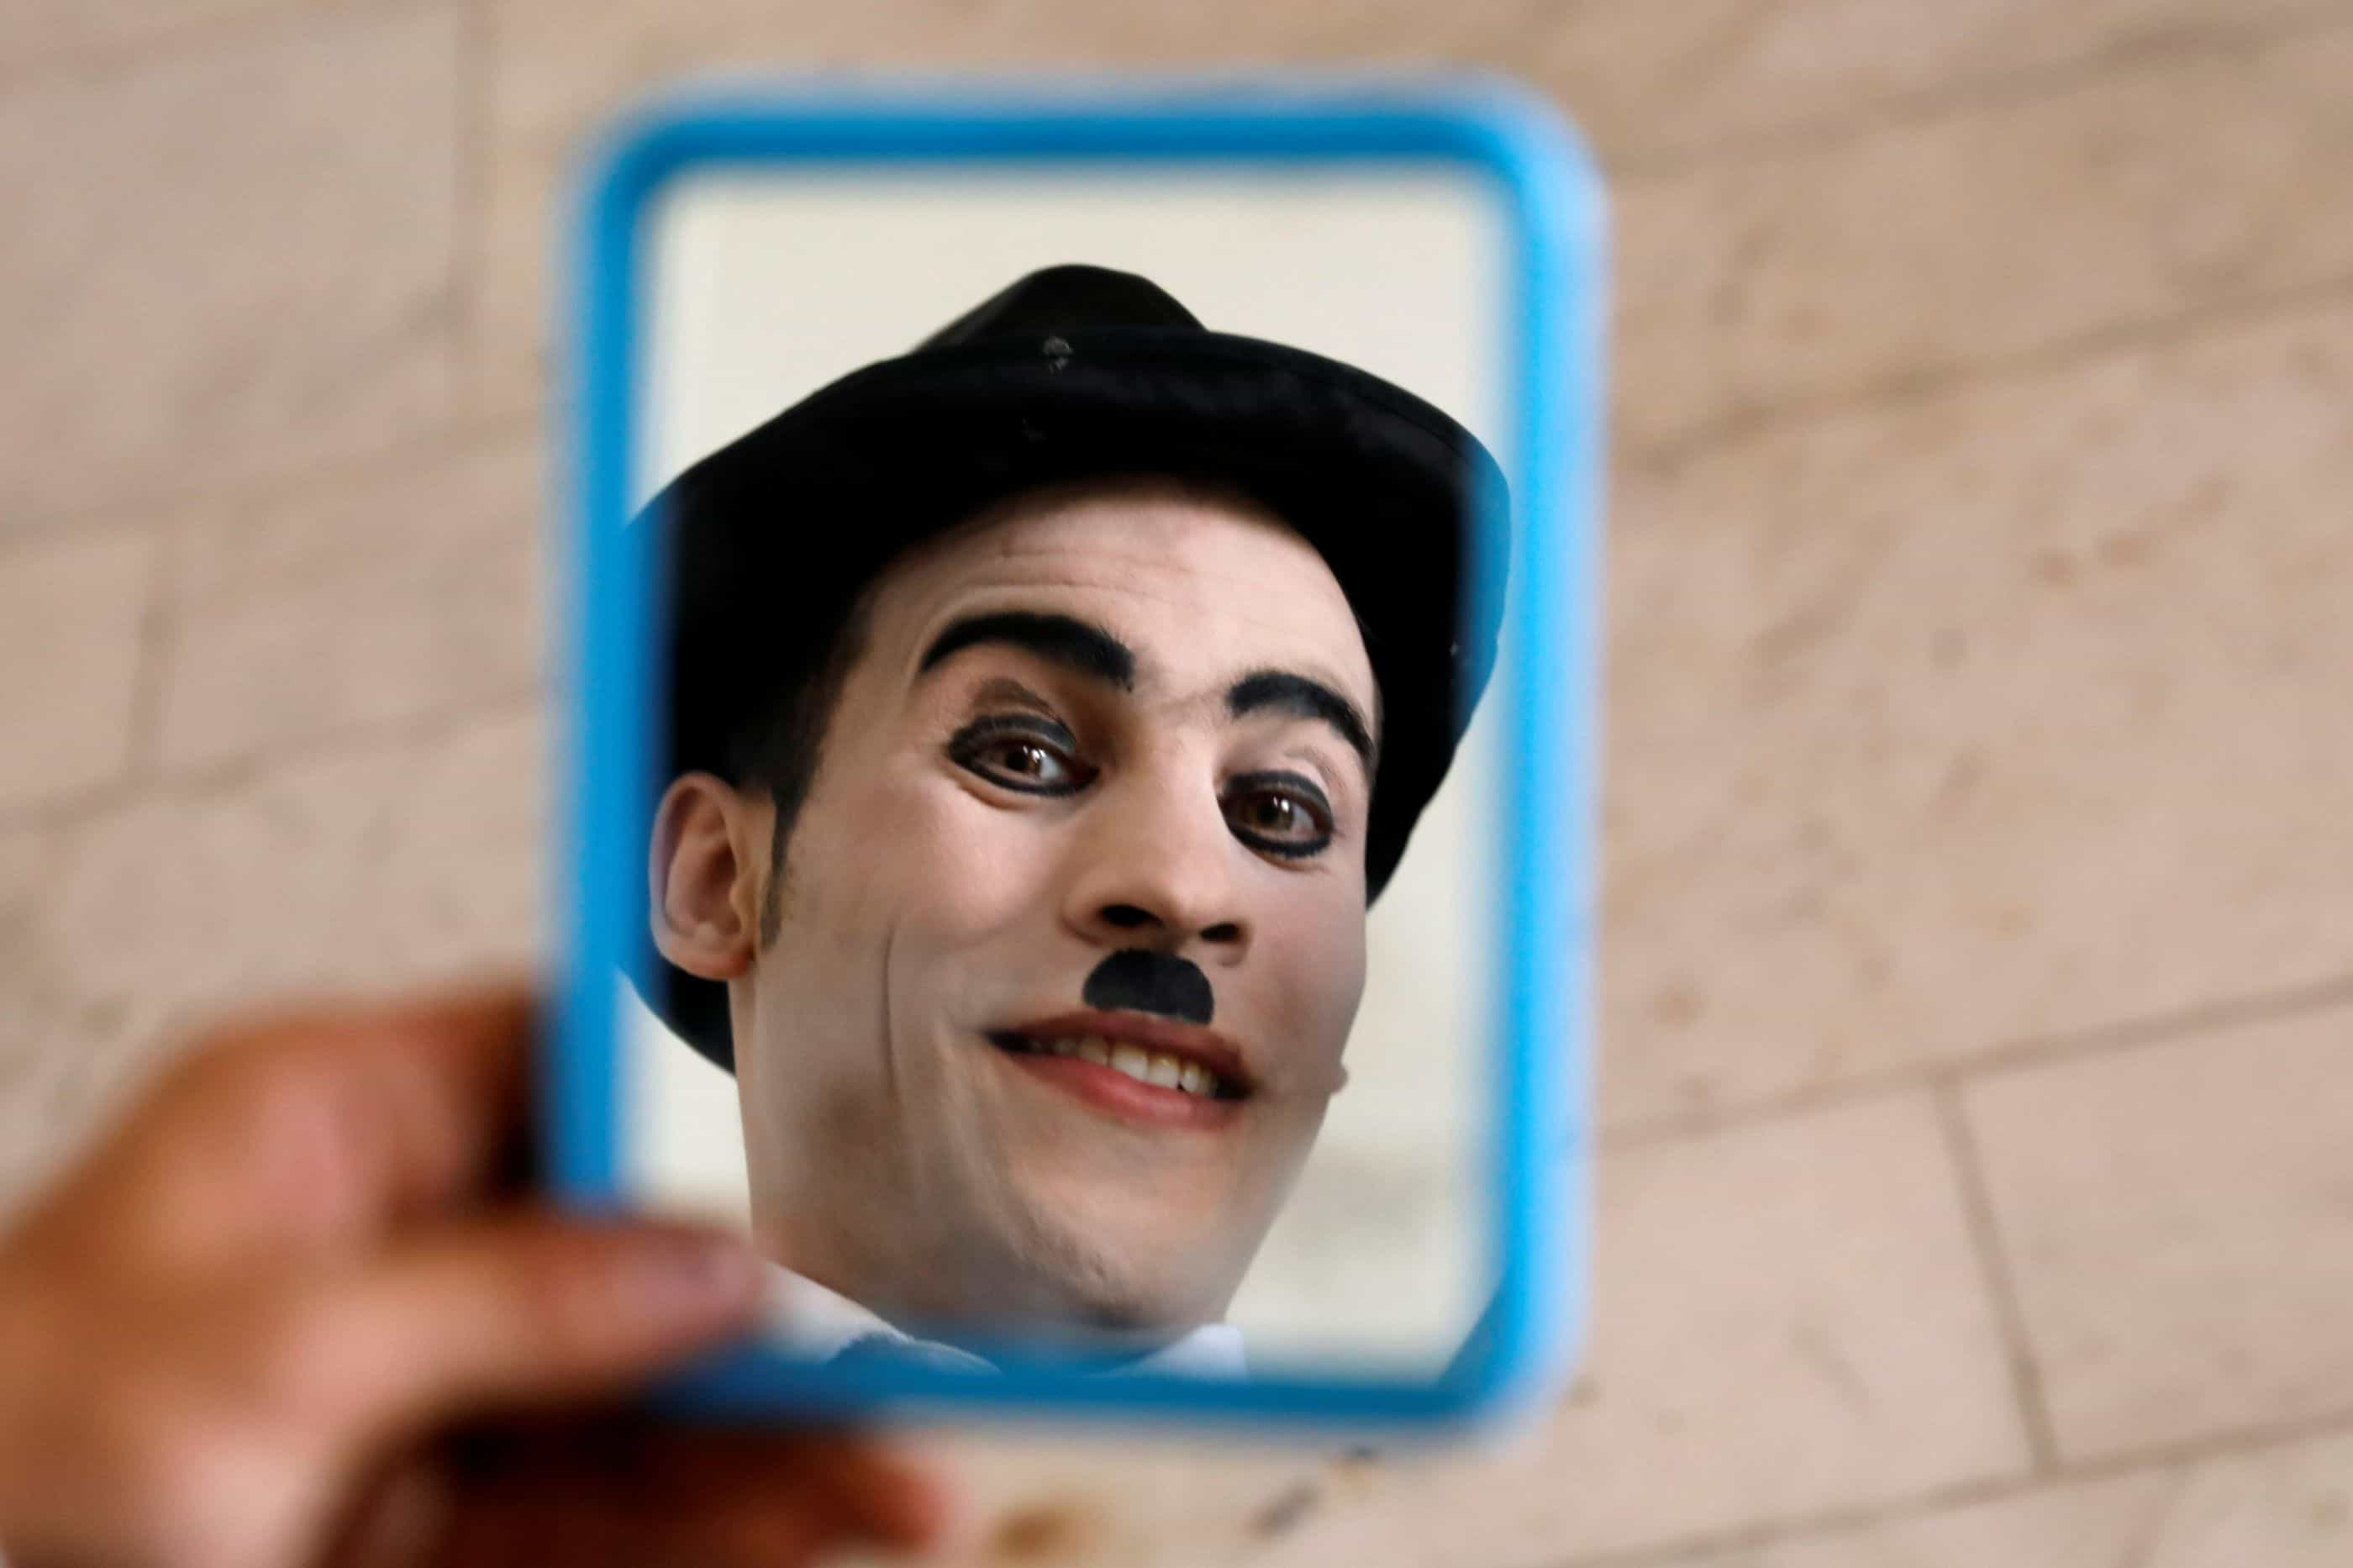 Neste país também há Charlie Chaplin: Karim, o Charlot afegão